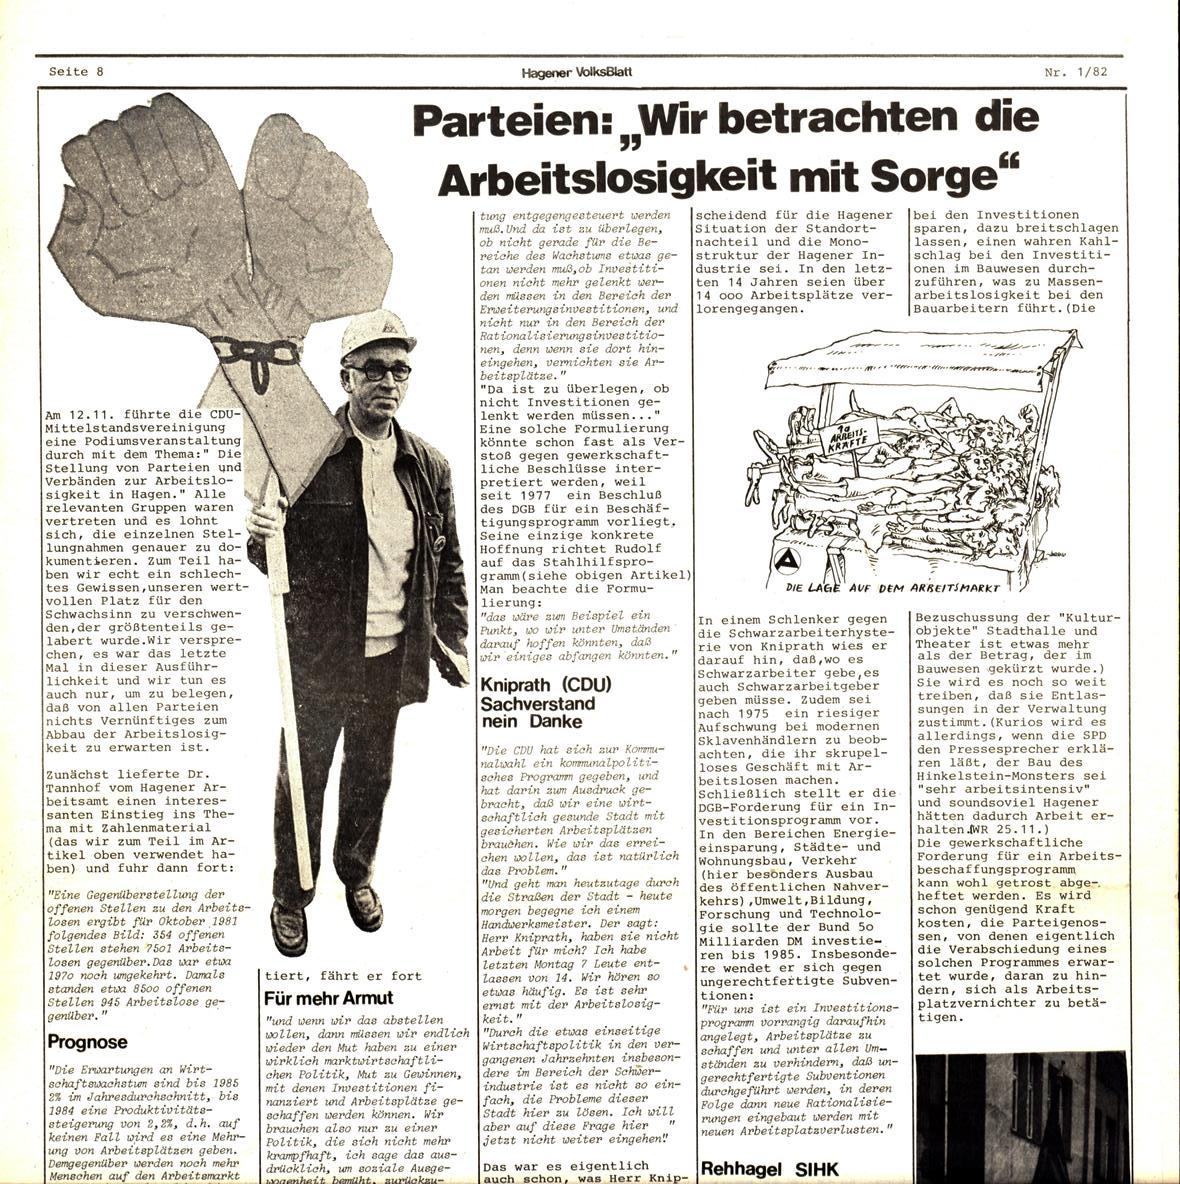 Hagen_Volksblatt_19820100_15